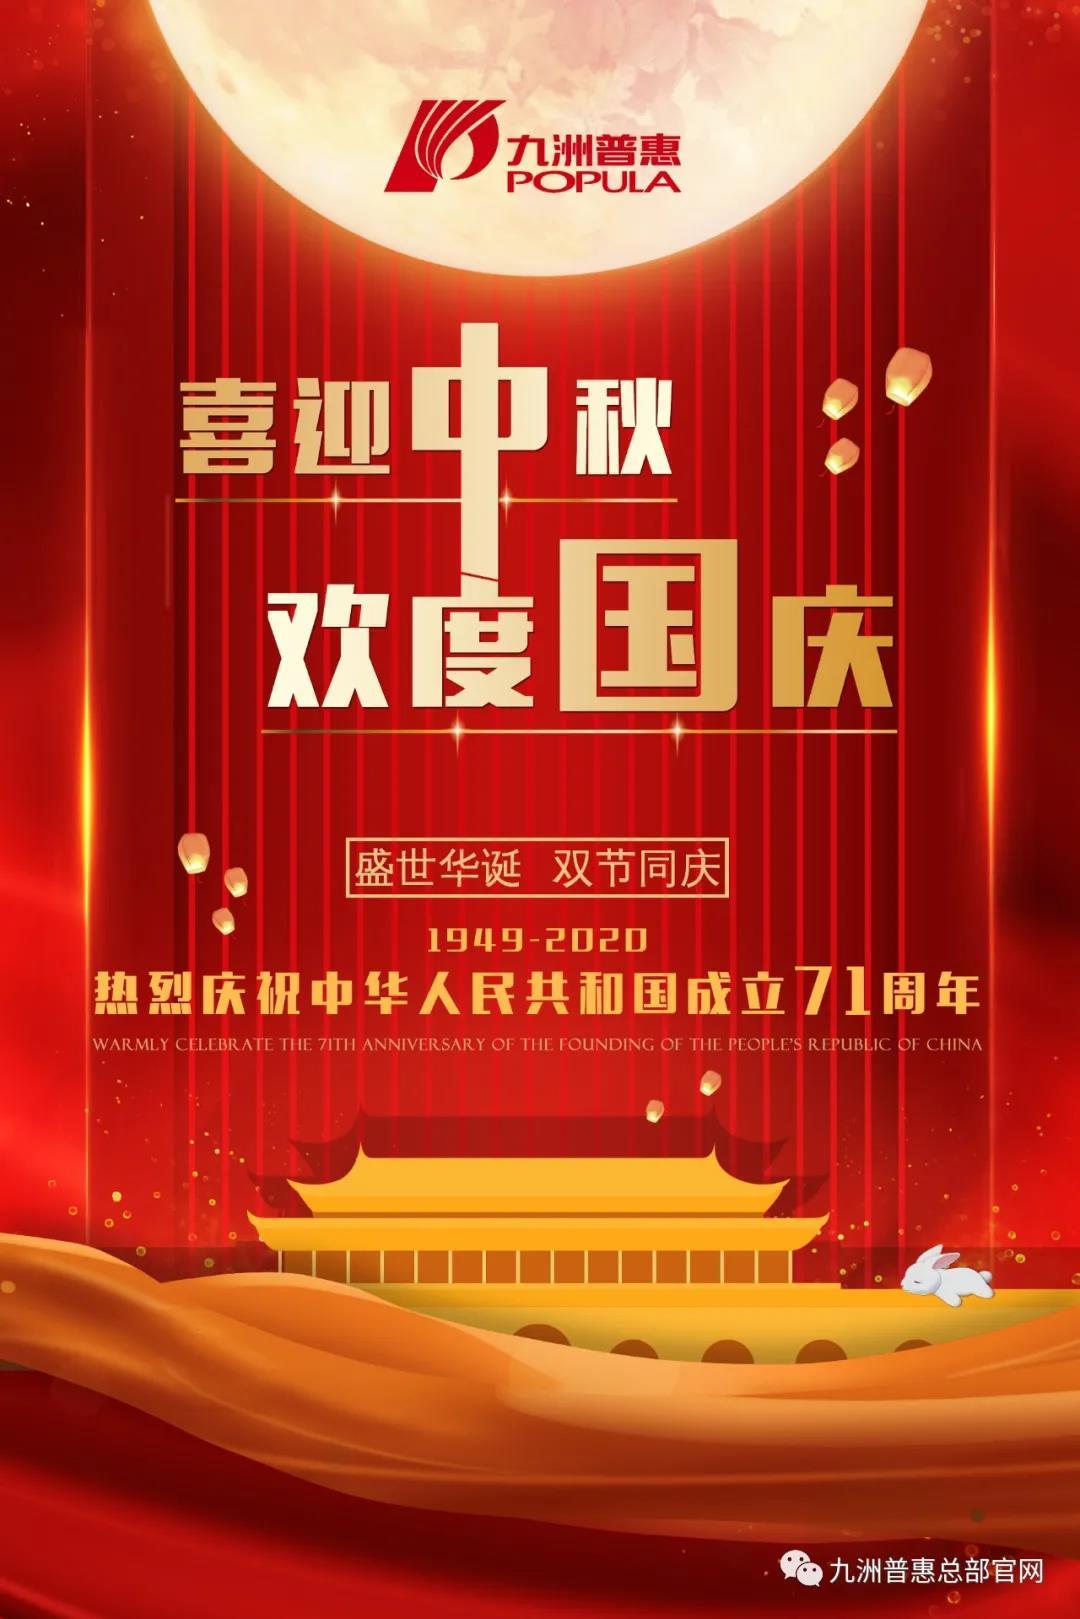 中秋明月迎国庆-九洲普惠风机